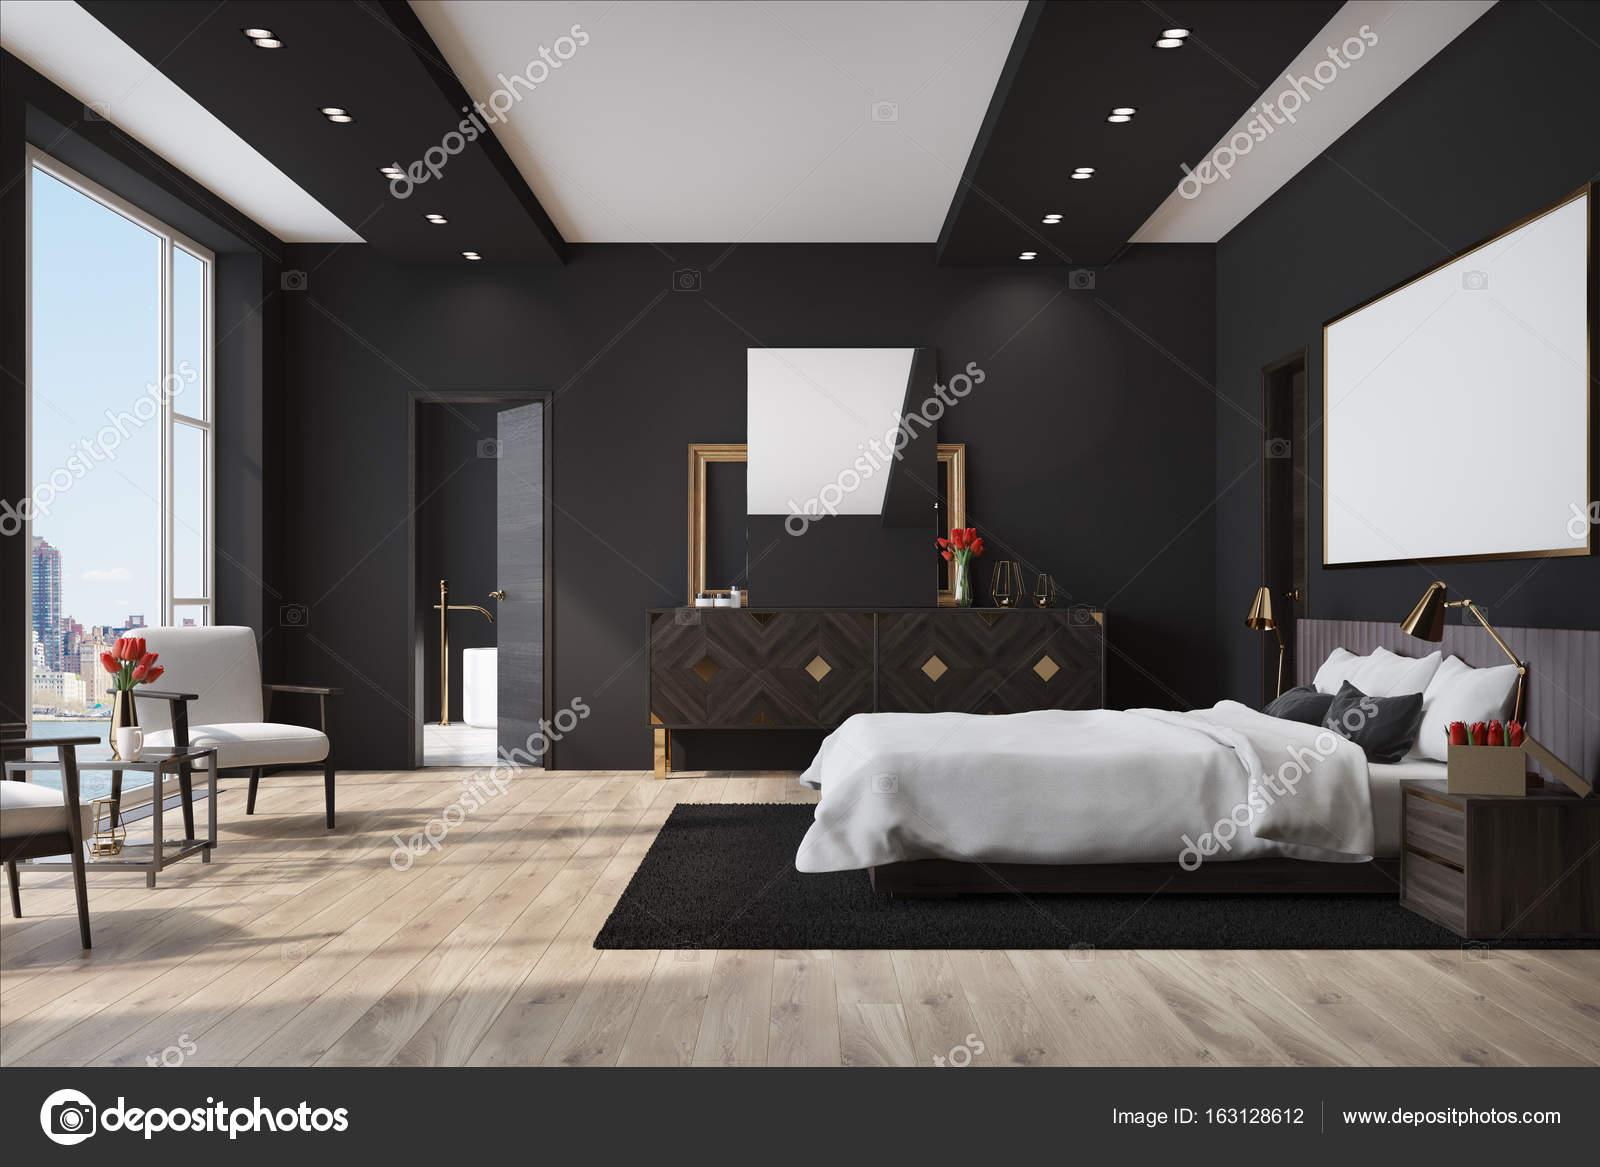 Slaapkamer In Kast : Zwarte slaapkamer kast met een poster u2014 stockfoto © denisismagilov